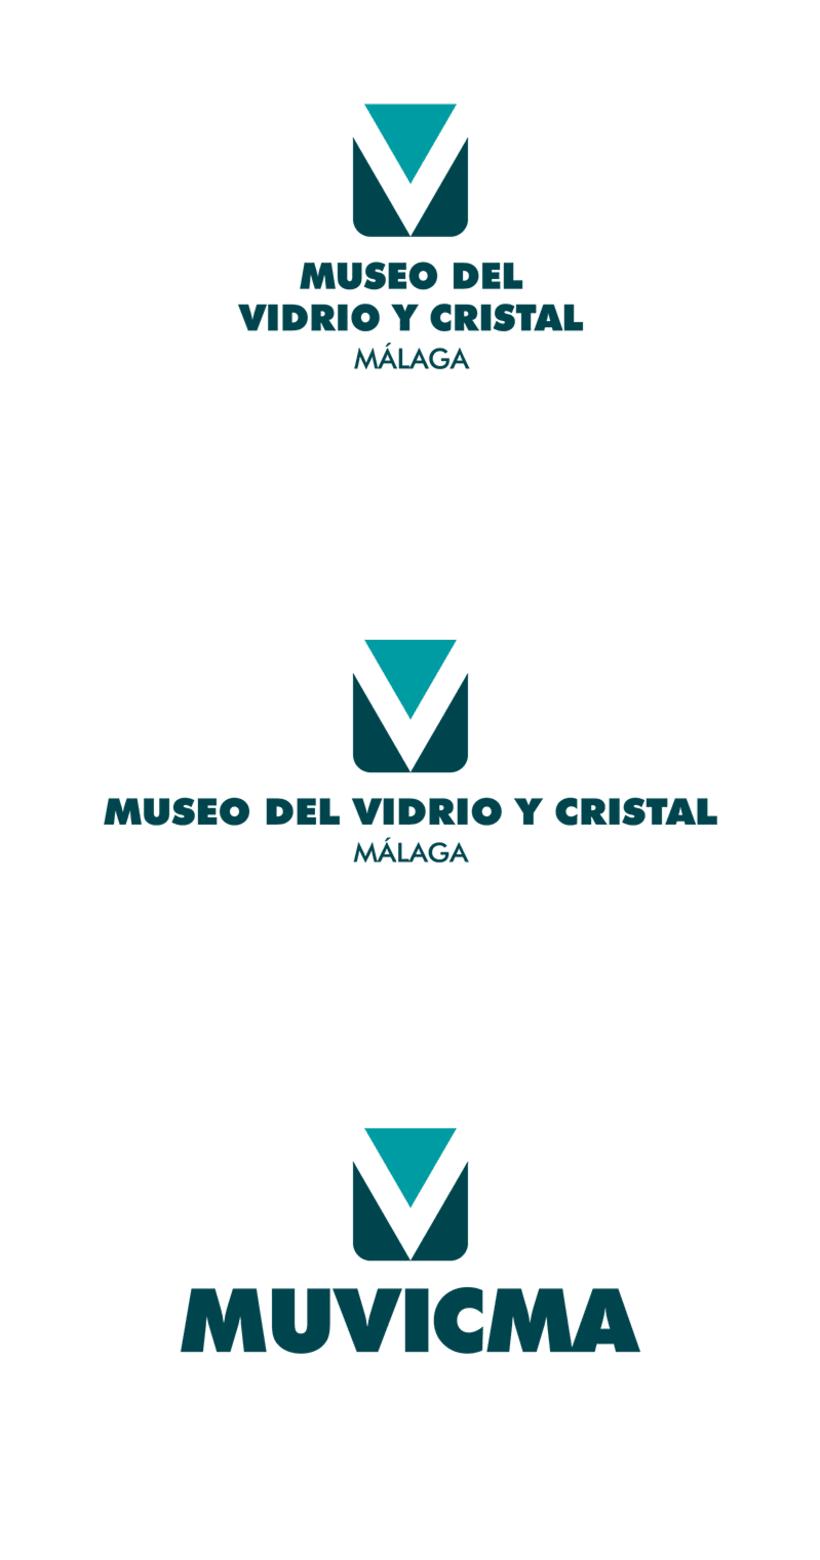 Museo del Vidrio y Cristal 0